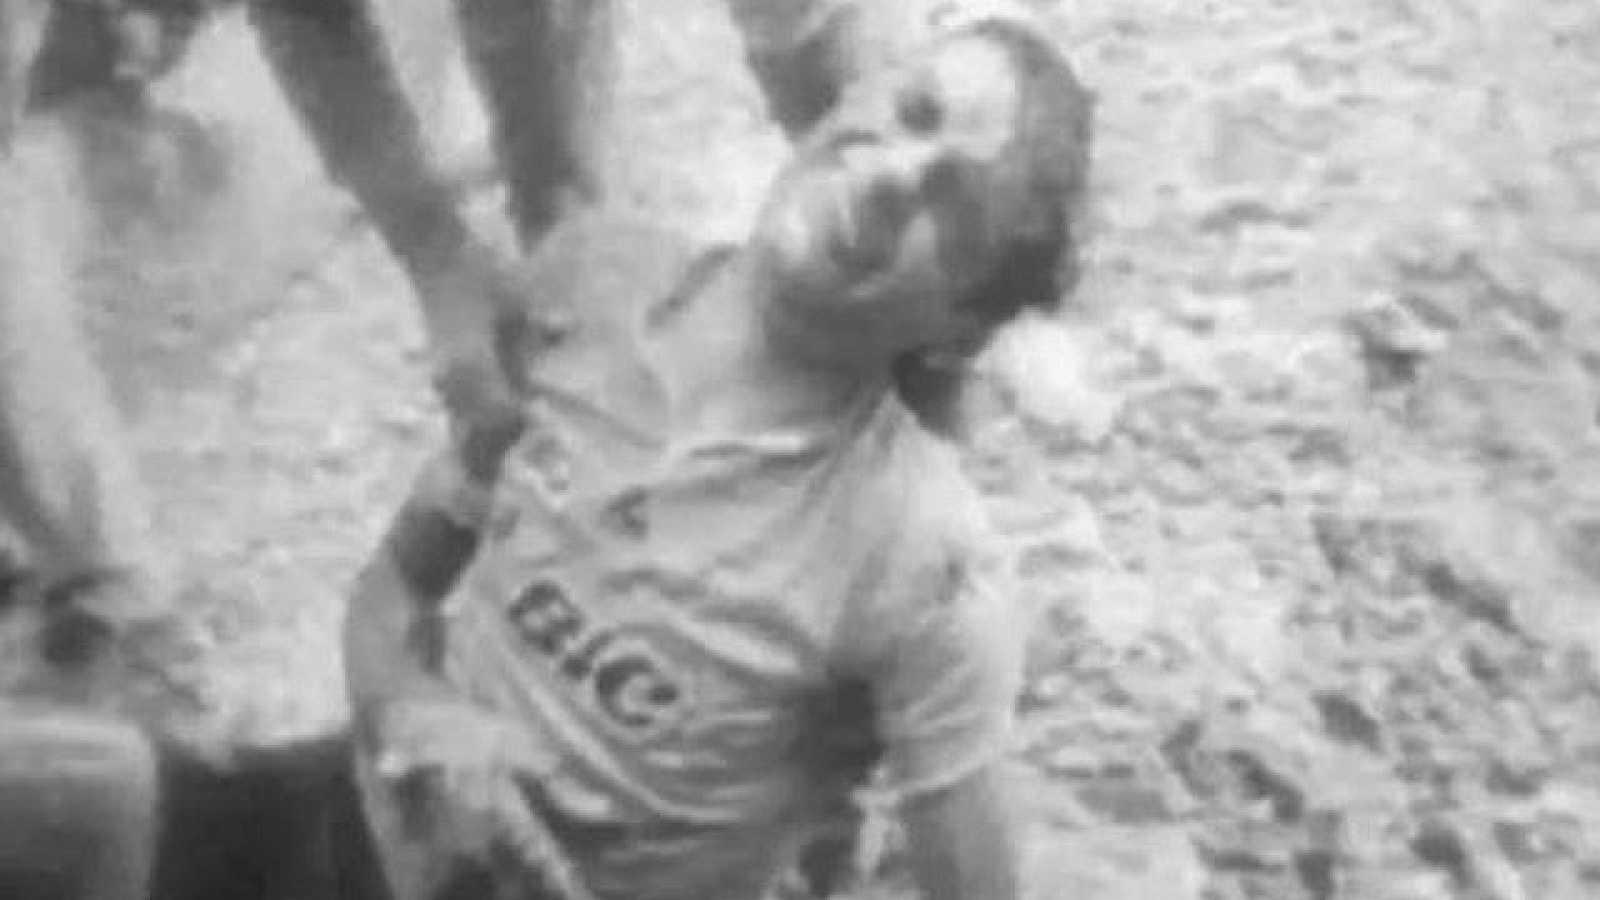 La caída de Ocaña en 1971 en el descenso del Mente acabó con las posibilidades del ciclista español, que iba líder por delante de Eddie Merckx, ganador final del Tour.